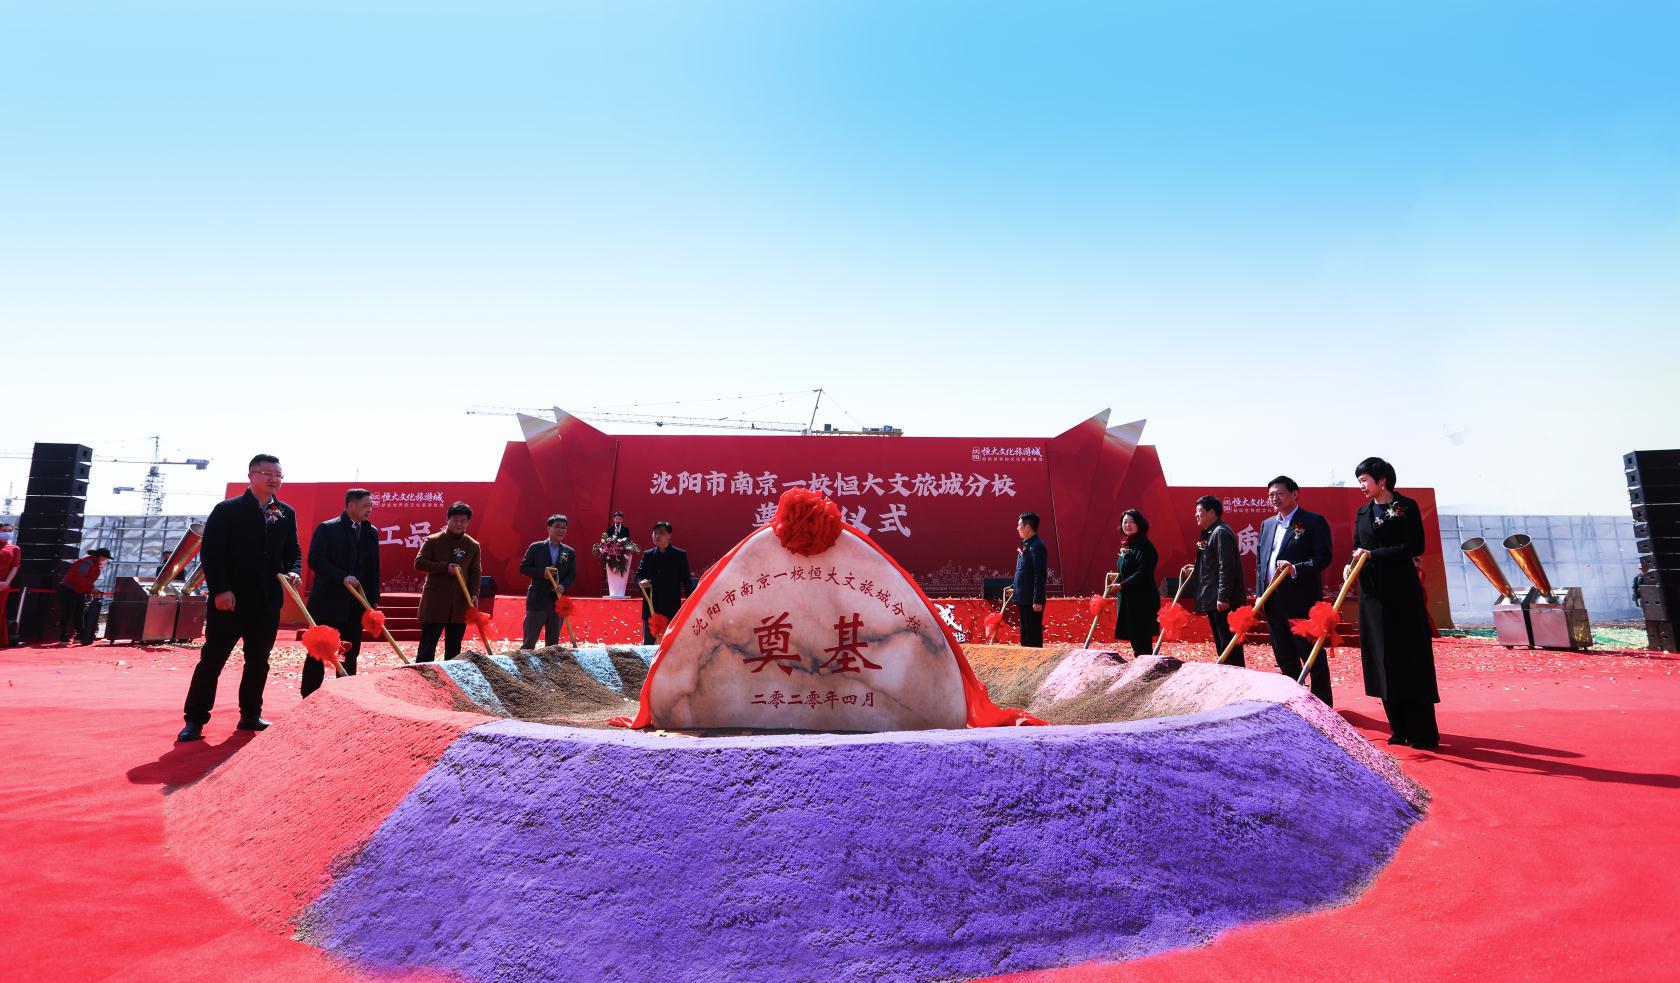 兌現童夢 打造地標 ,瀋陽恒大文化旅遊城童話大街盛大開放!-中國網地産